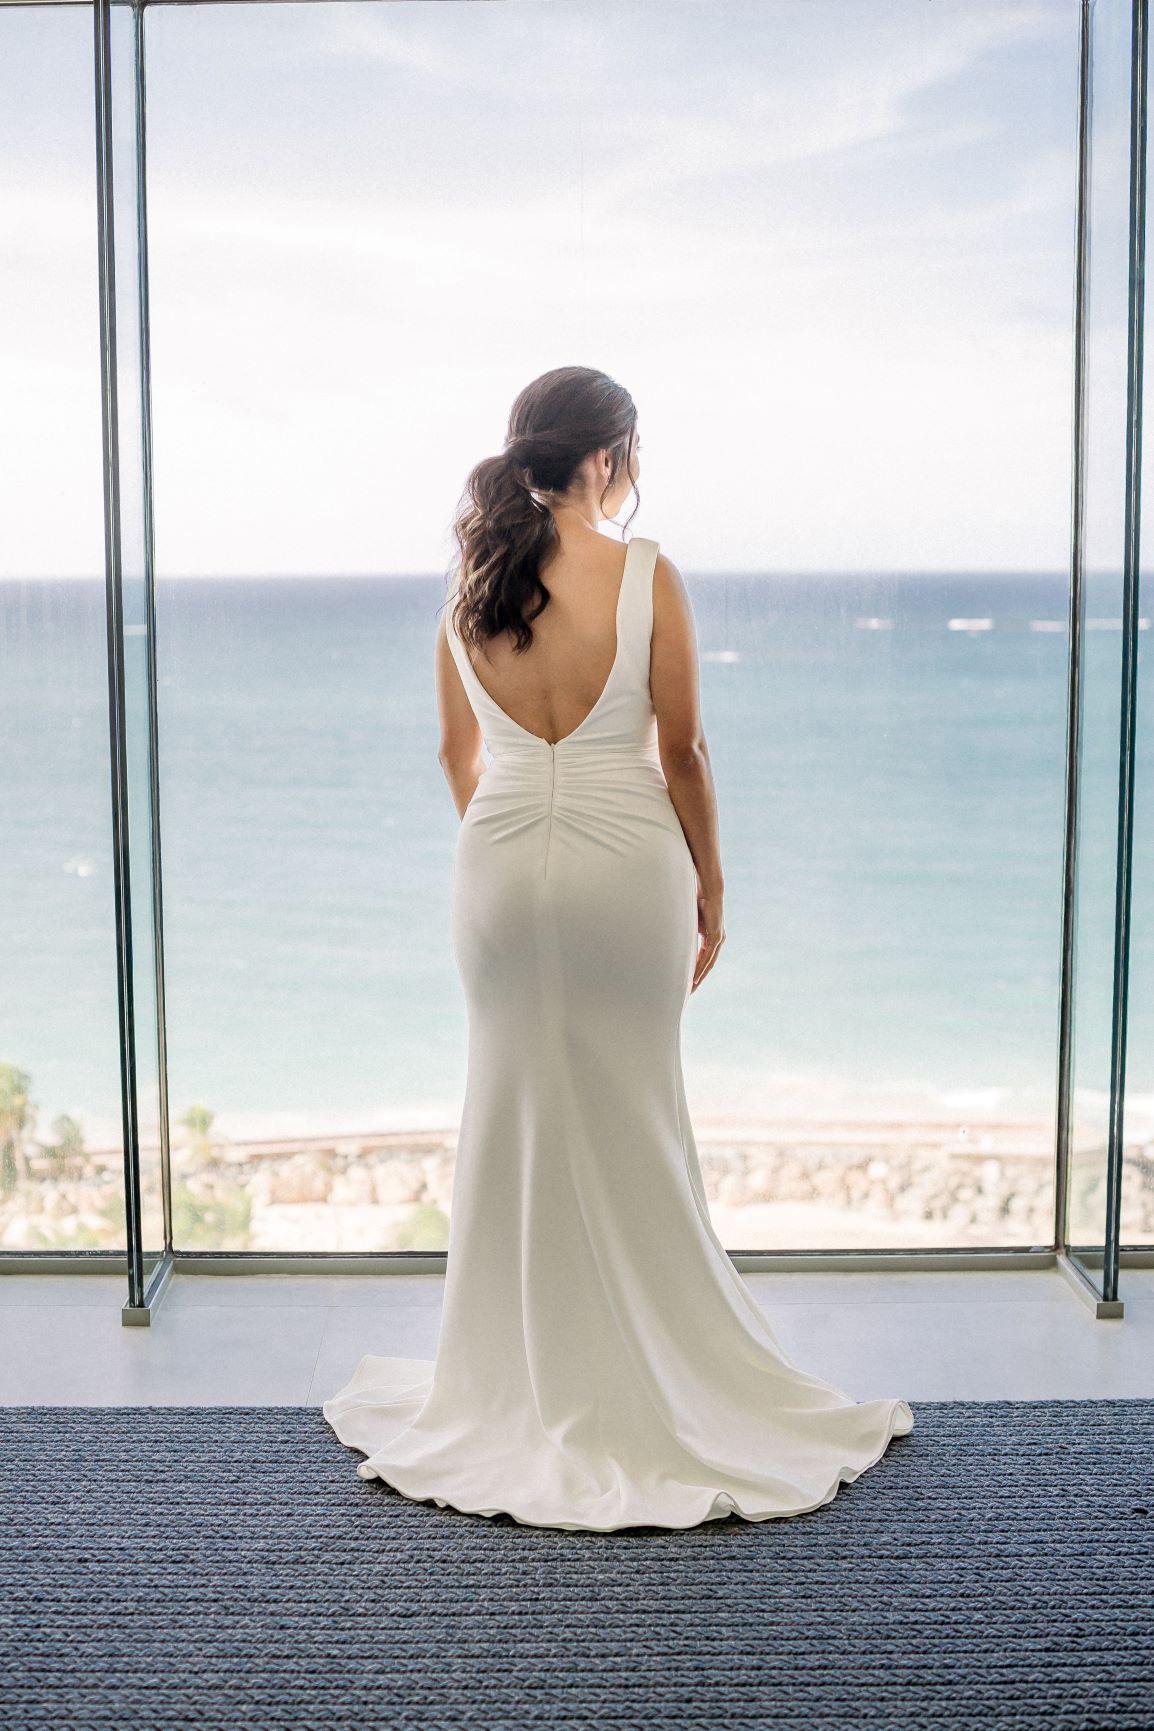 Traje de la novia: Jovani. Peinado y maquillaje: Christopher Feliciano (José Ruiz)